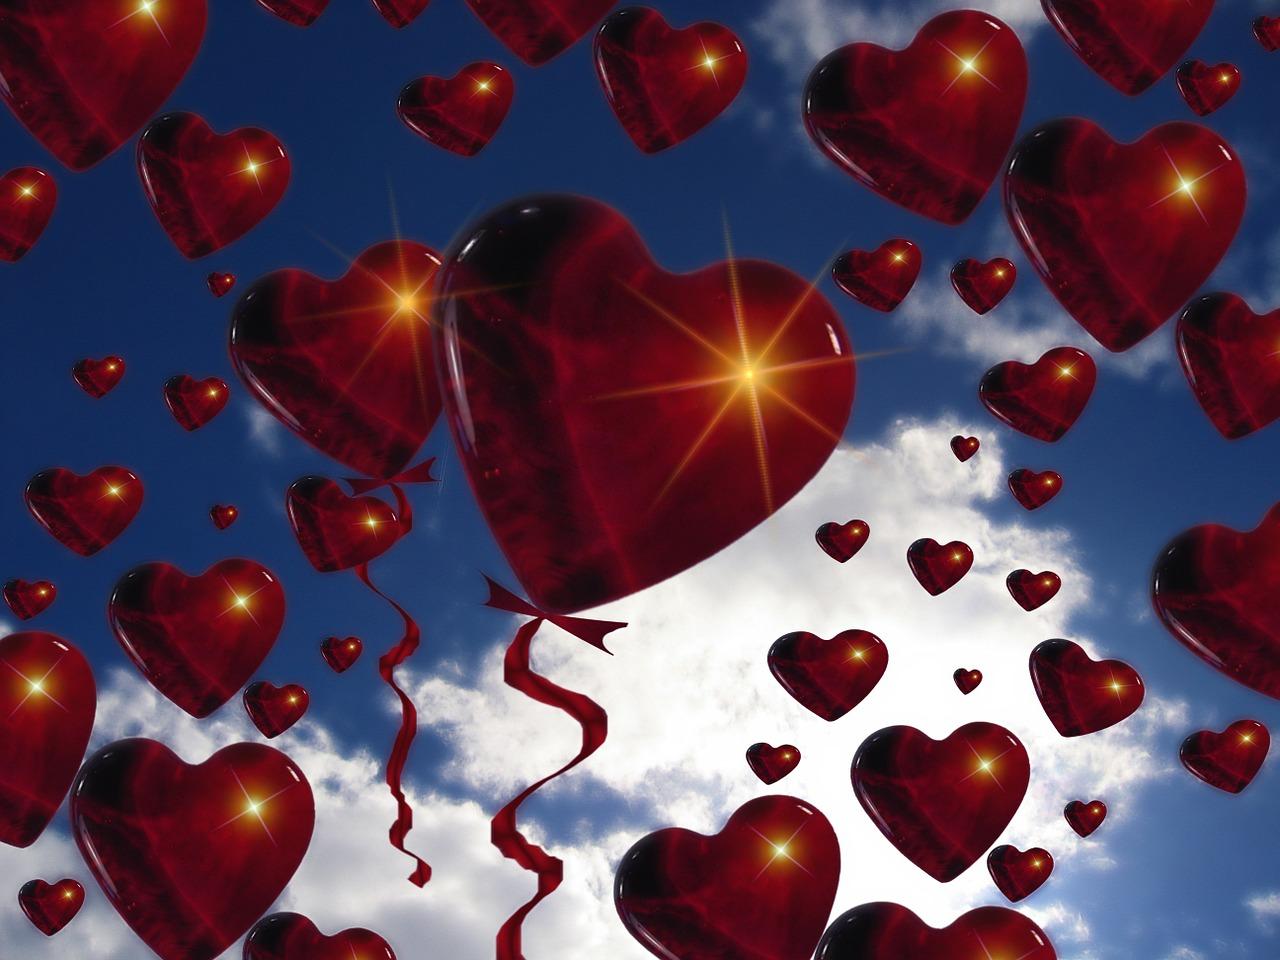 balloon-84826_1280